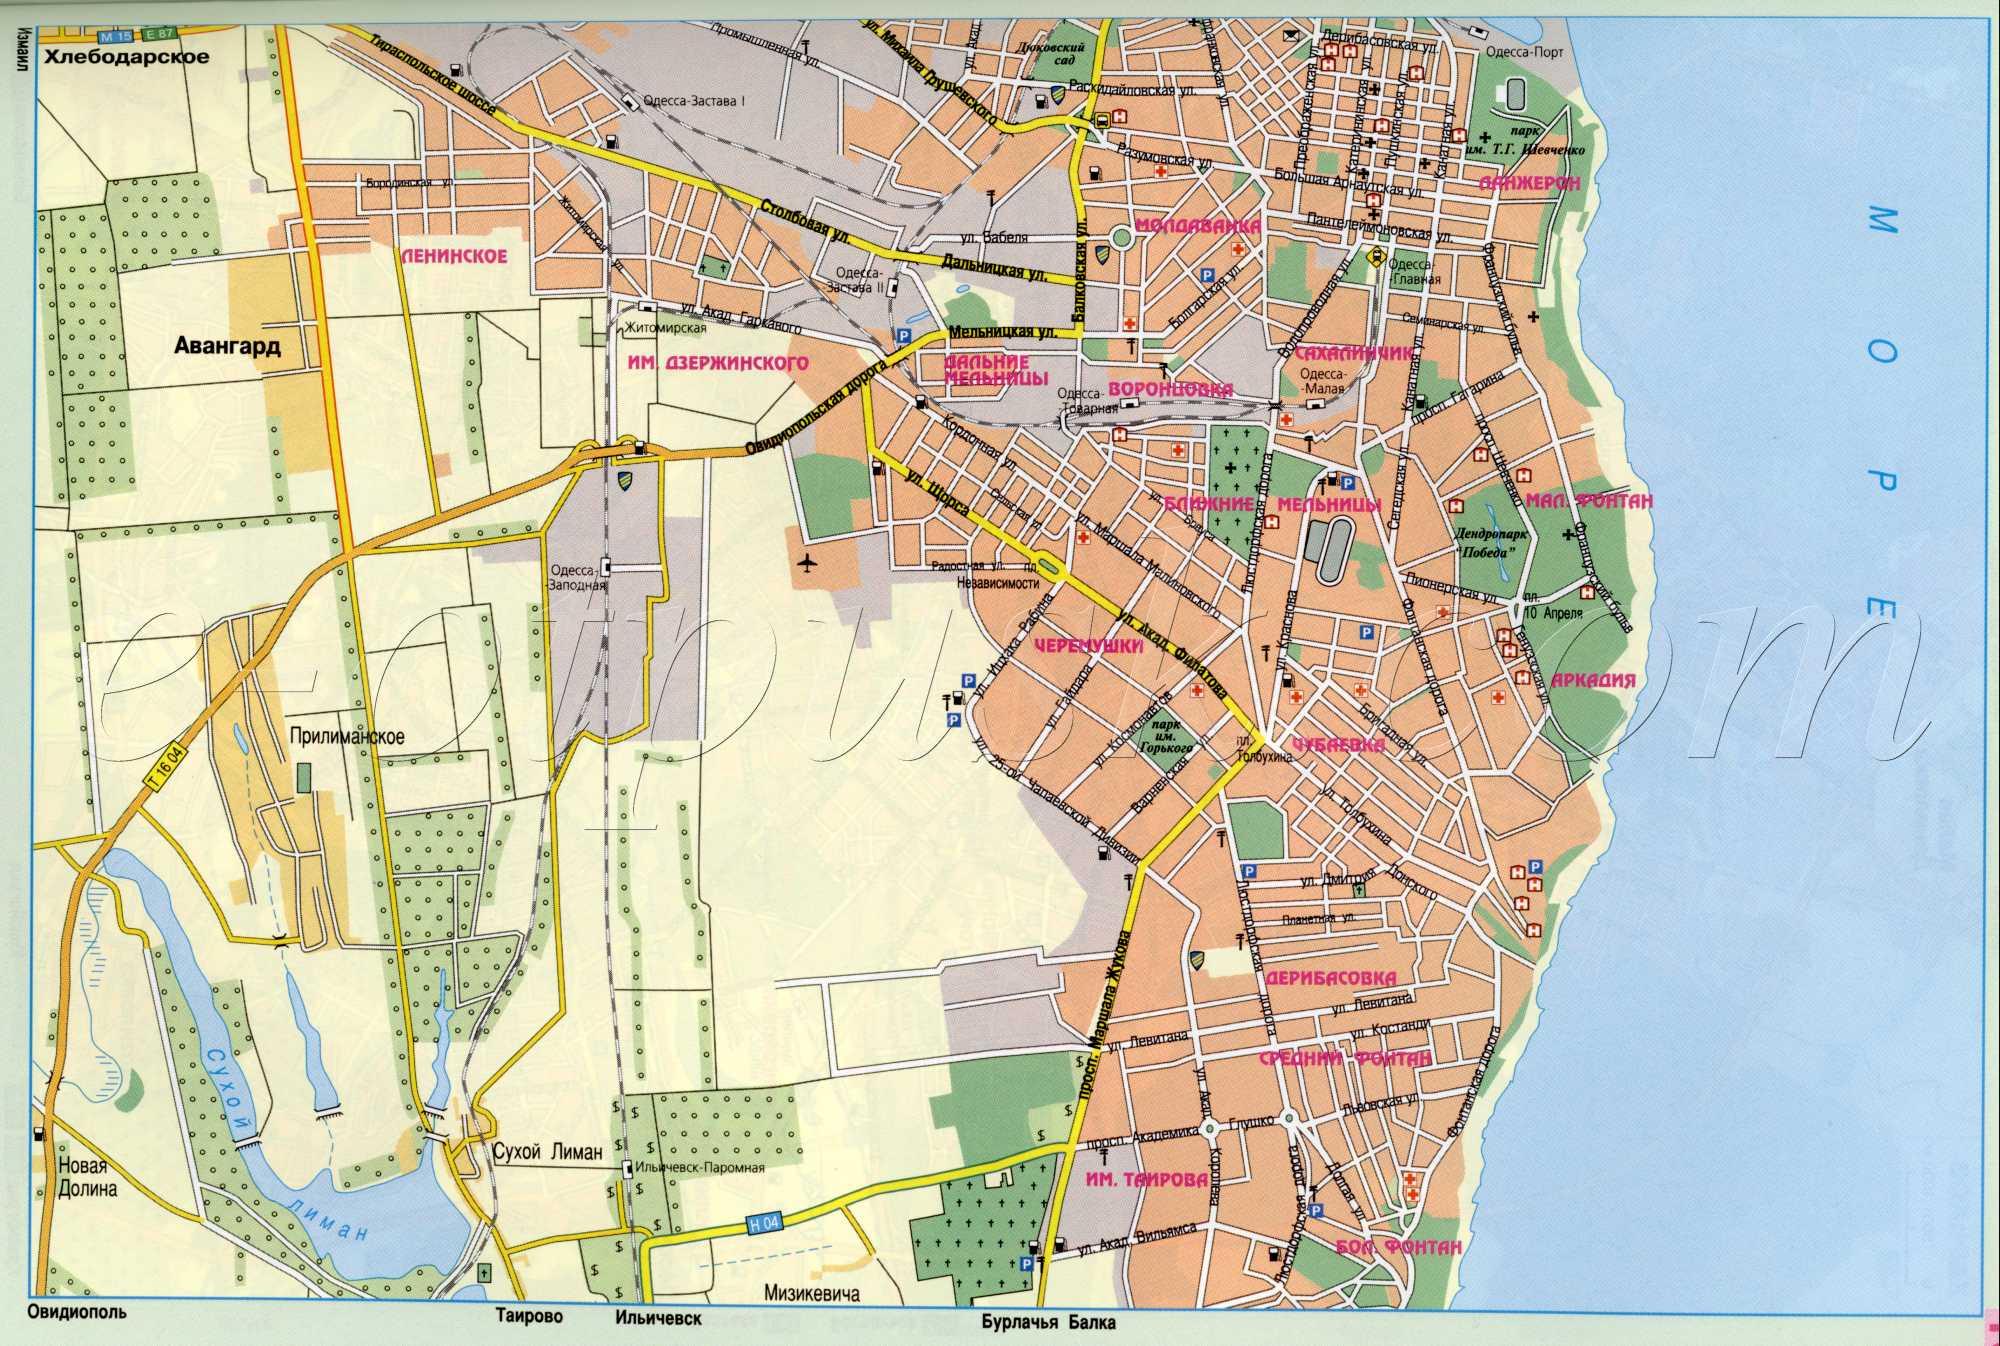 Подробная карта улиц города Одесса.  Большая крупномасштабная карта Одессы.  Скачать бесплатно карту.